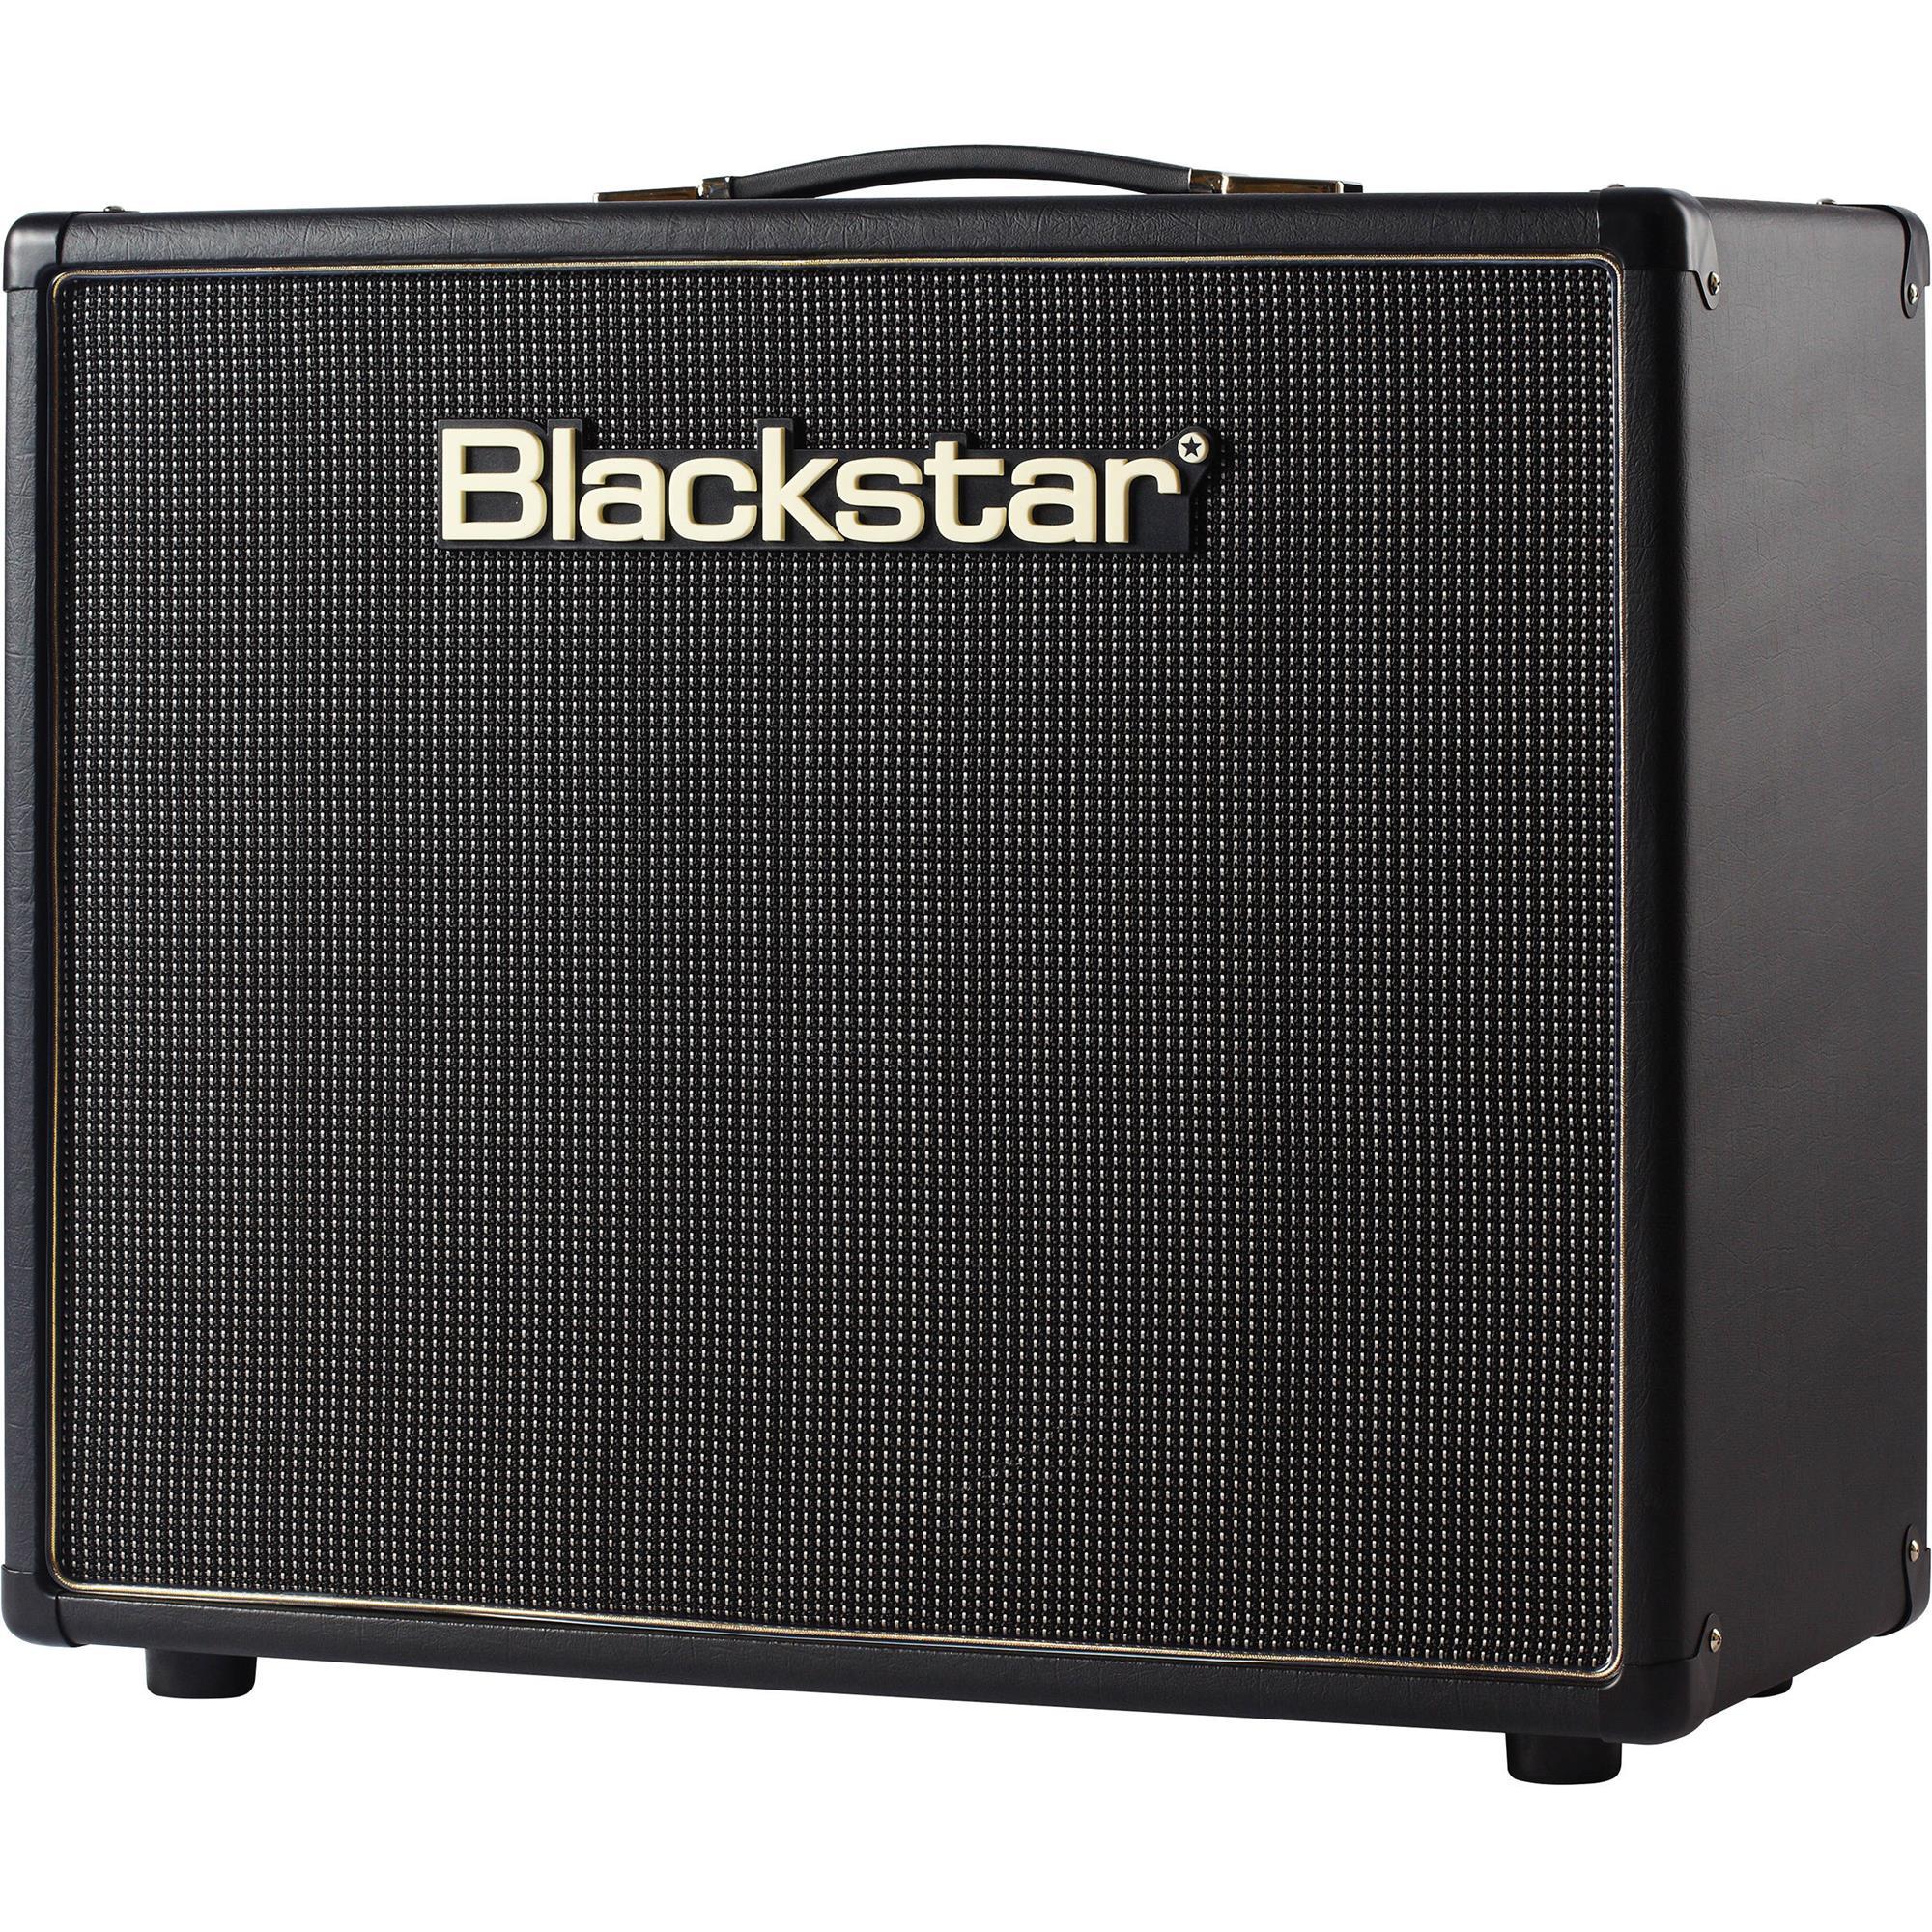 BLACKSTAR-HTV112-MKII-1X12-sku-24118